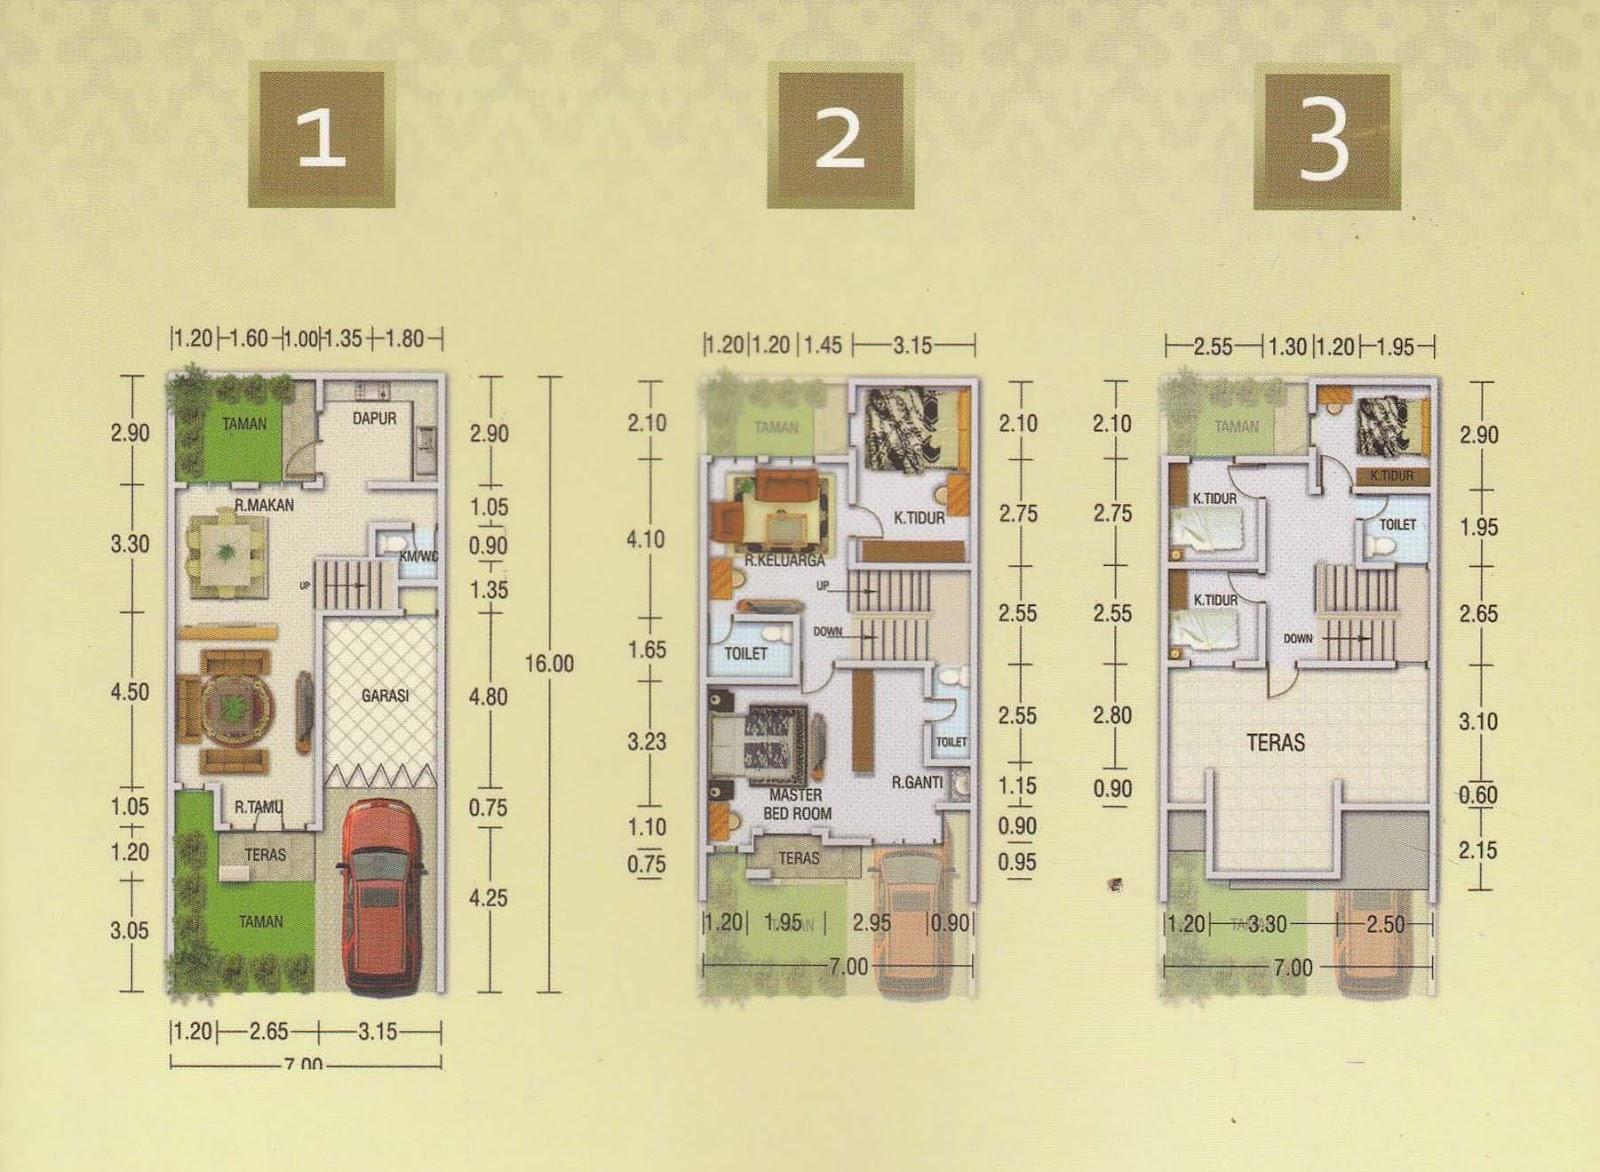 Rumah Mewah Minimalis 5 Kamar di Medan | Type 200 | Info Properti ...